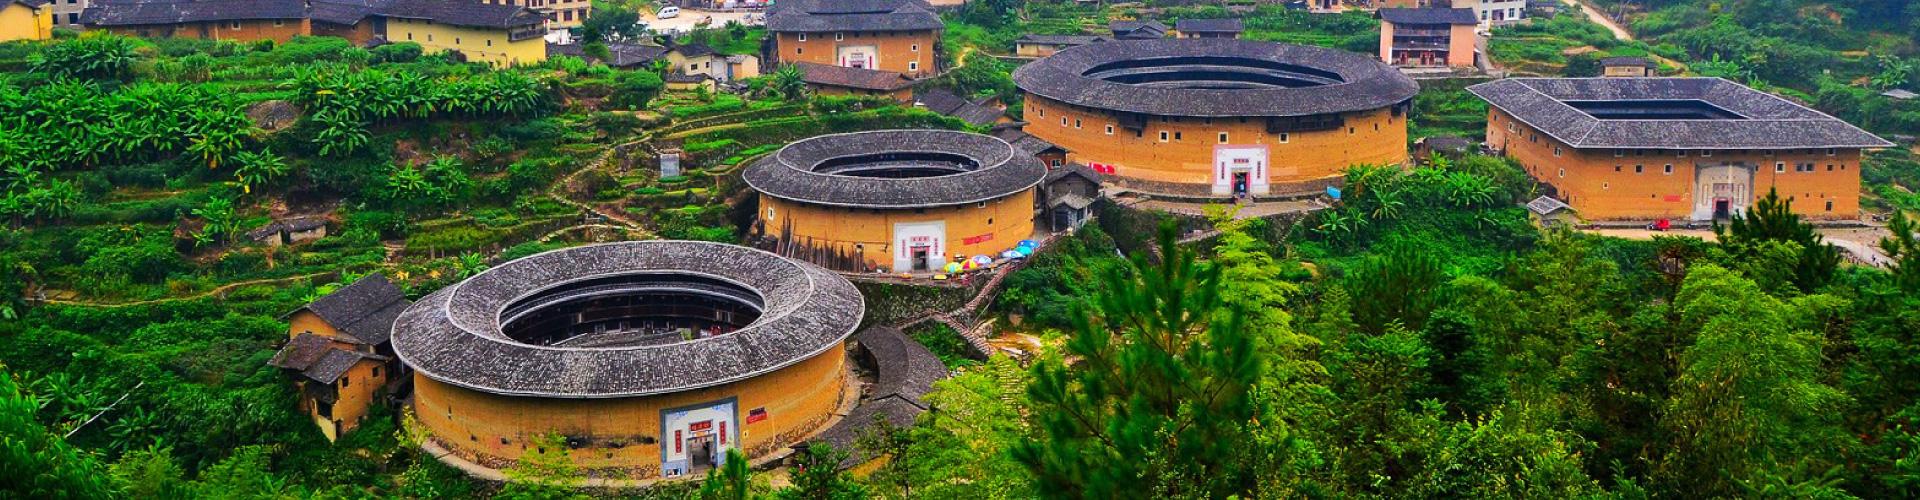 Xiamen, Fujian, Chaozhou, Shantou, Wuyishan